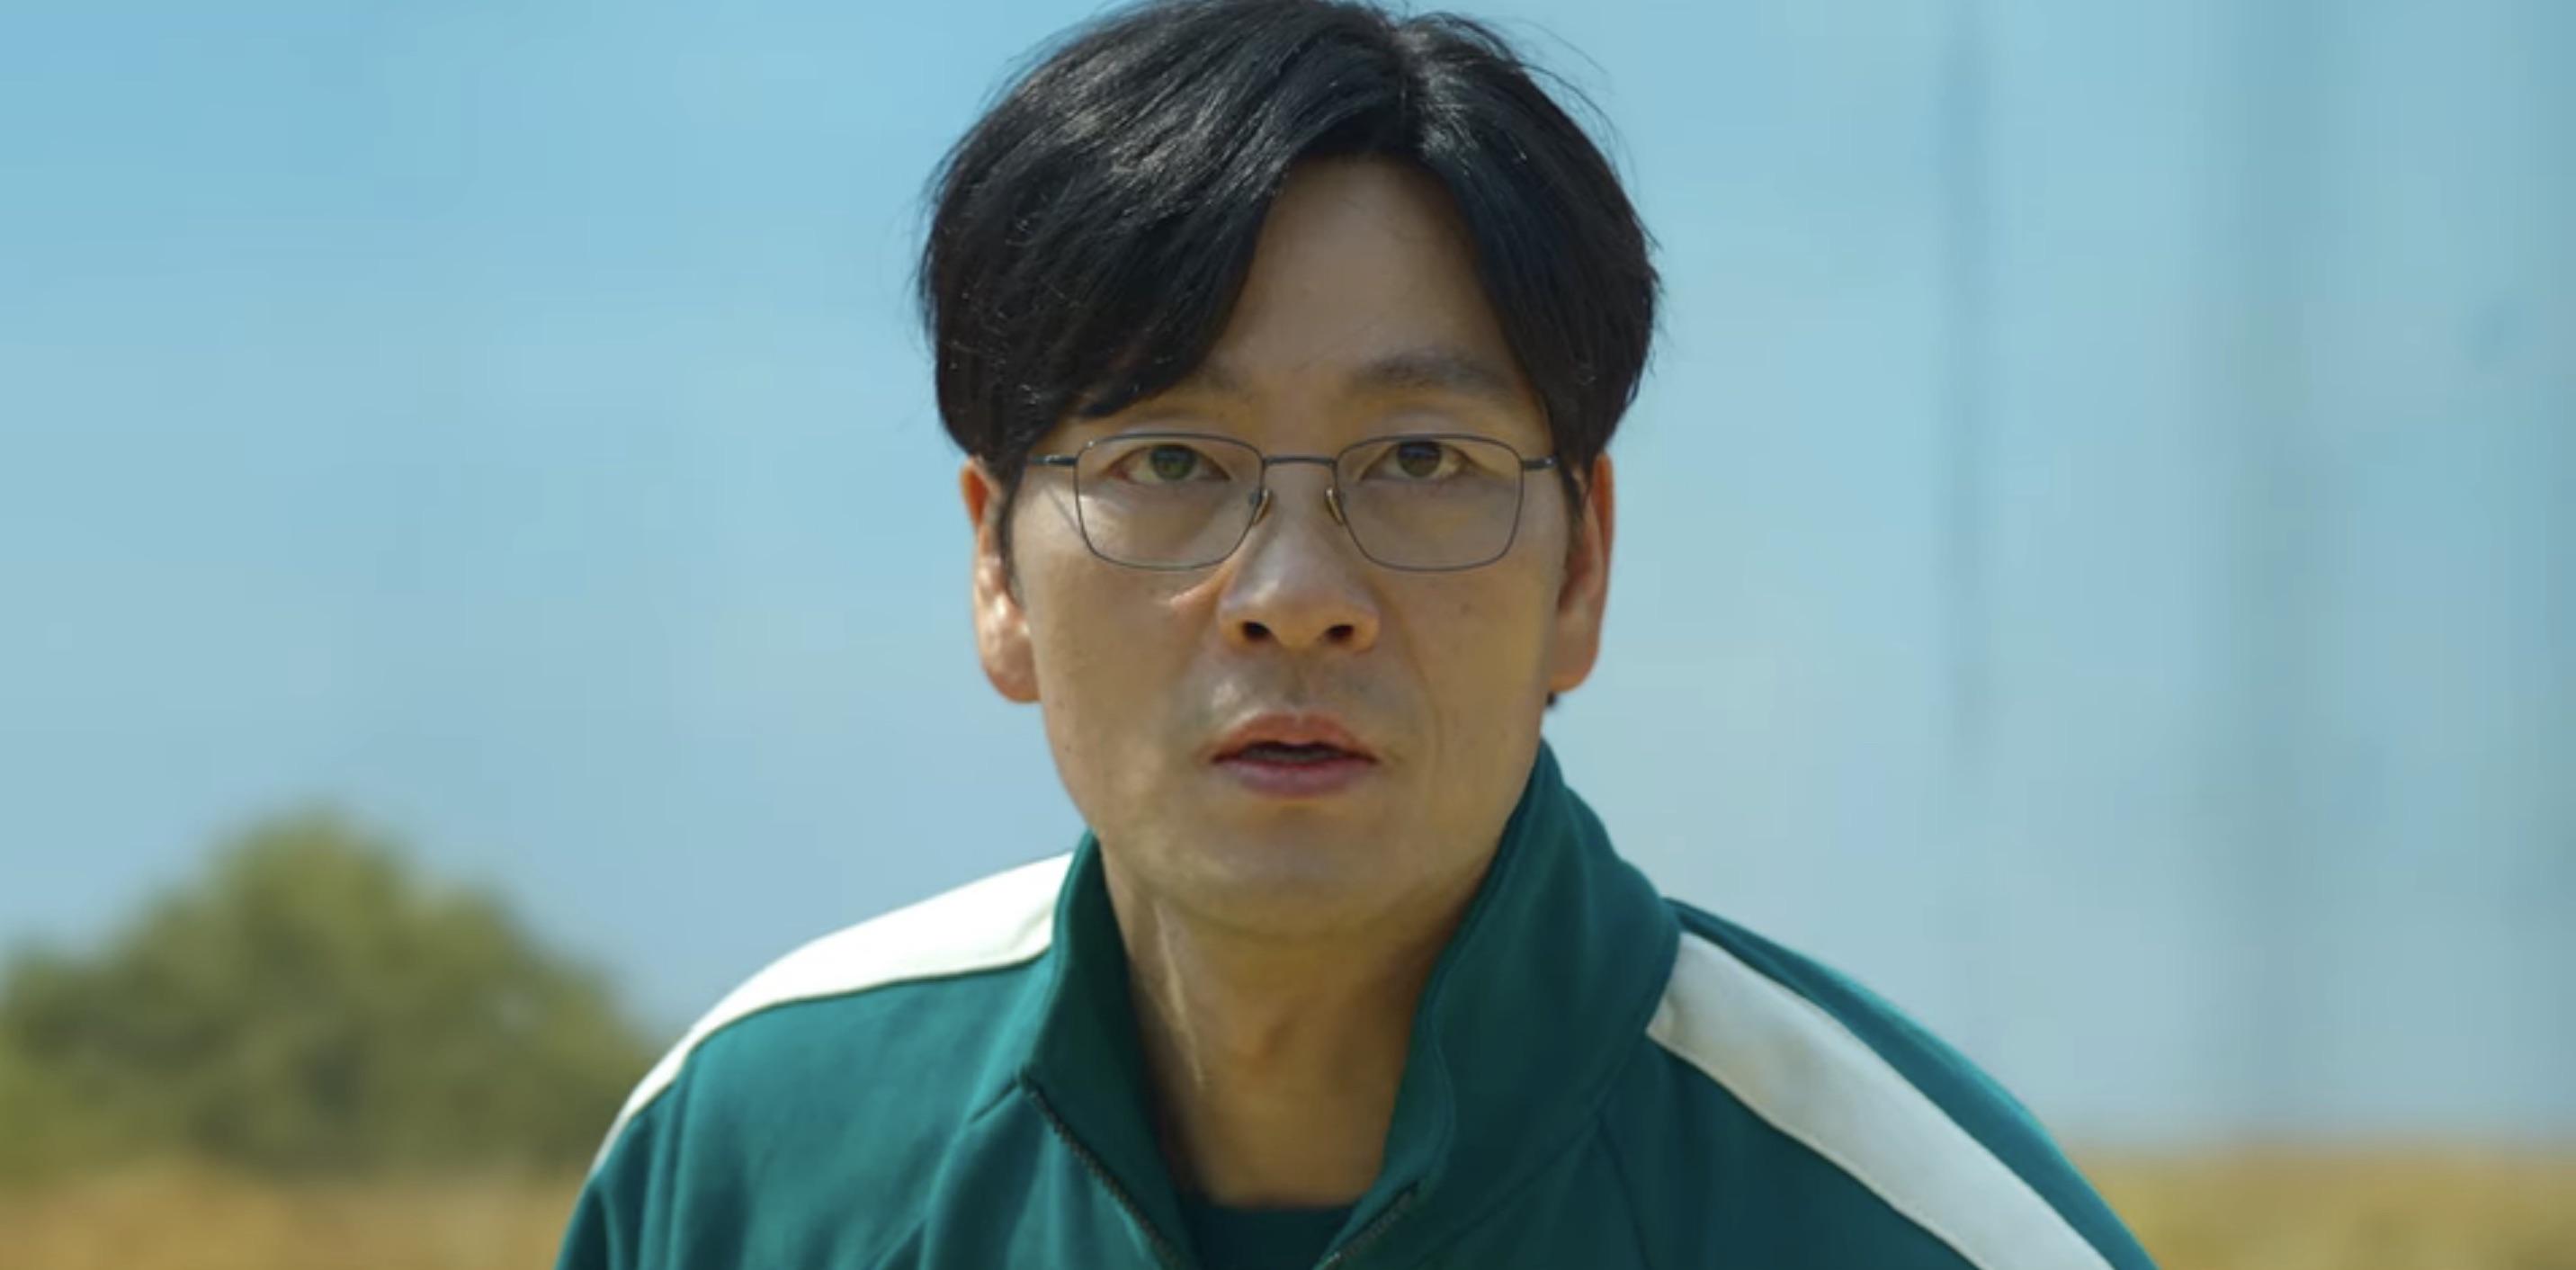 Does Sangwoo 218 Die In Squid Game